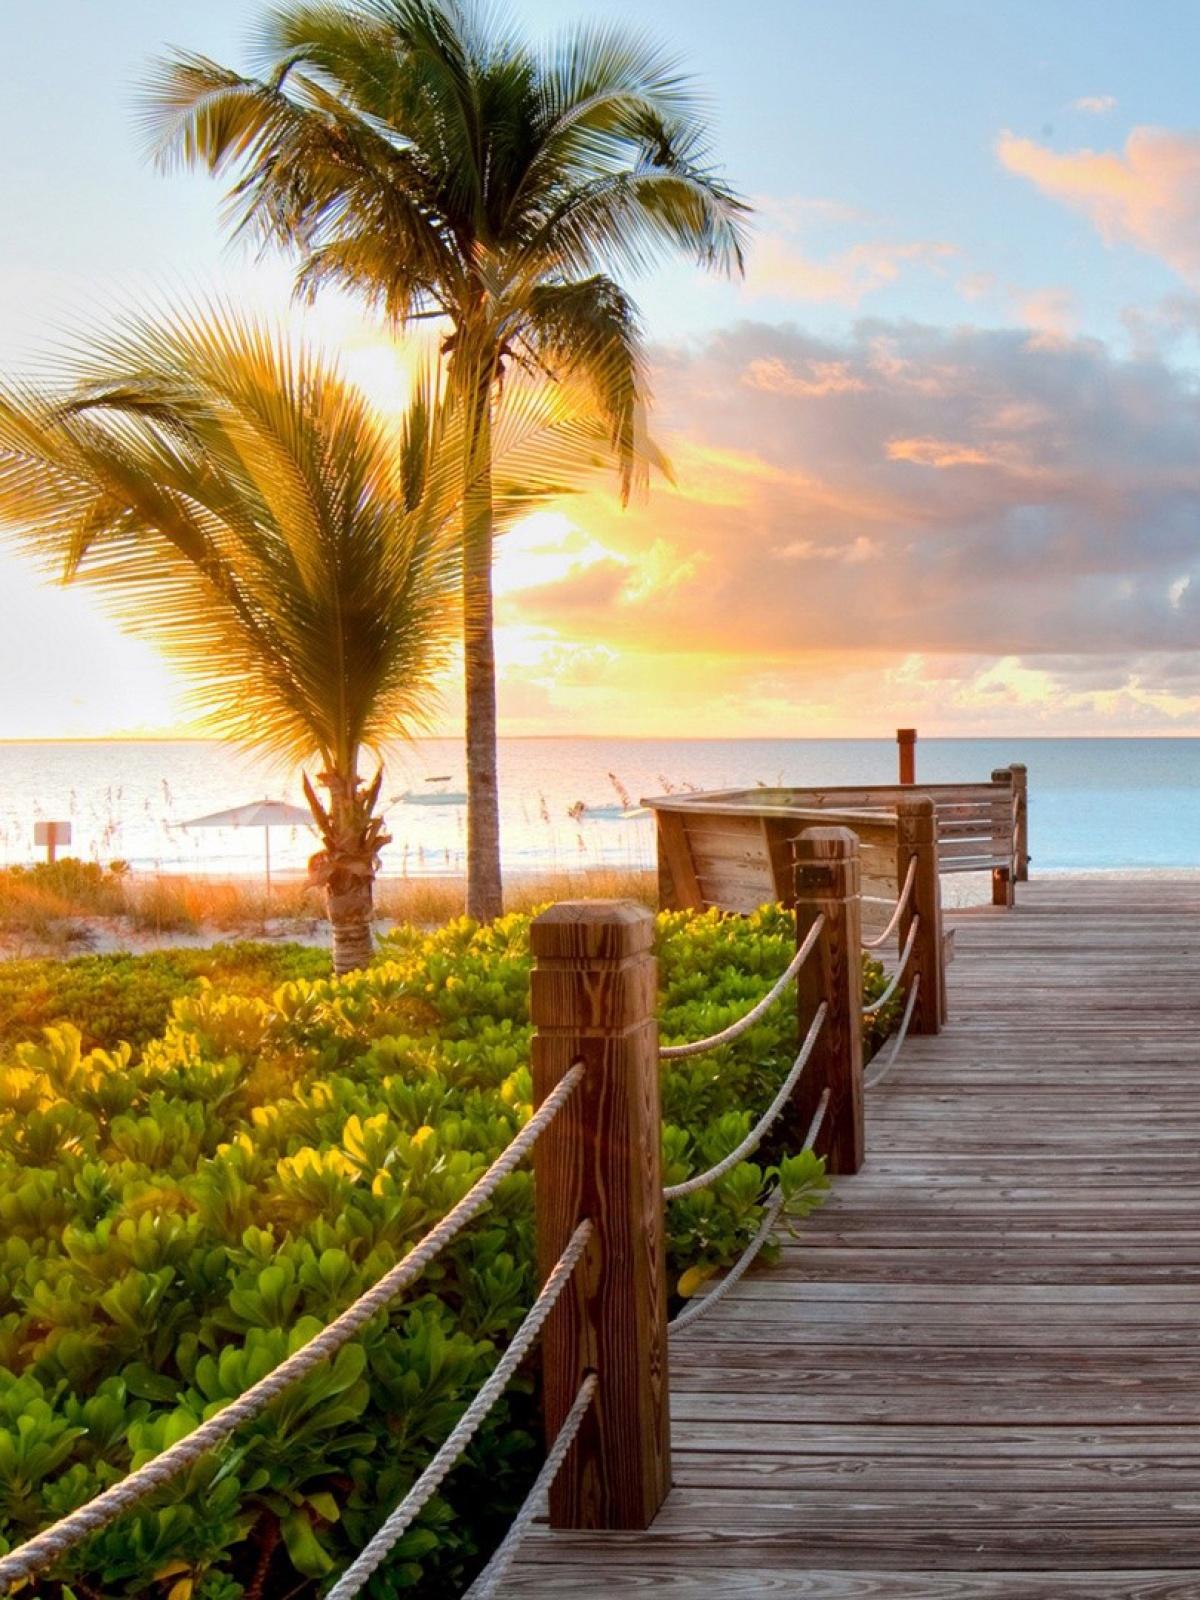 Wallpaper Sunset Pantai Di Pagi Hari